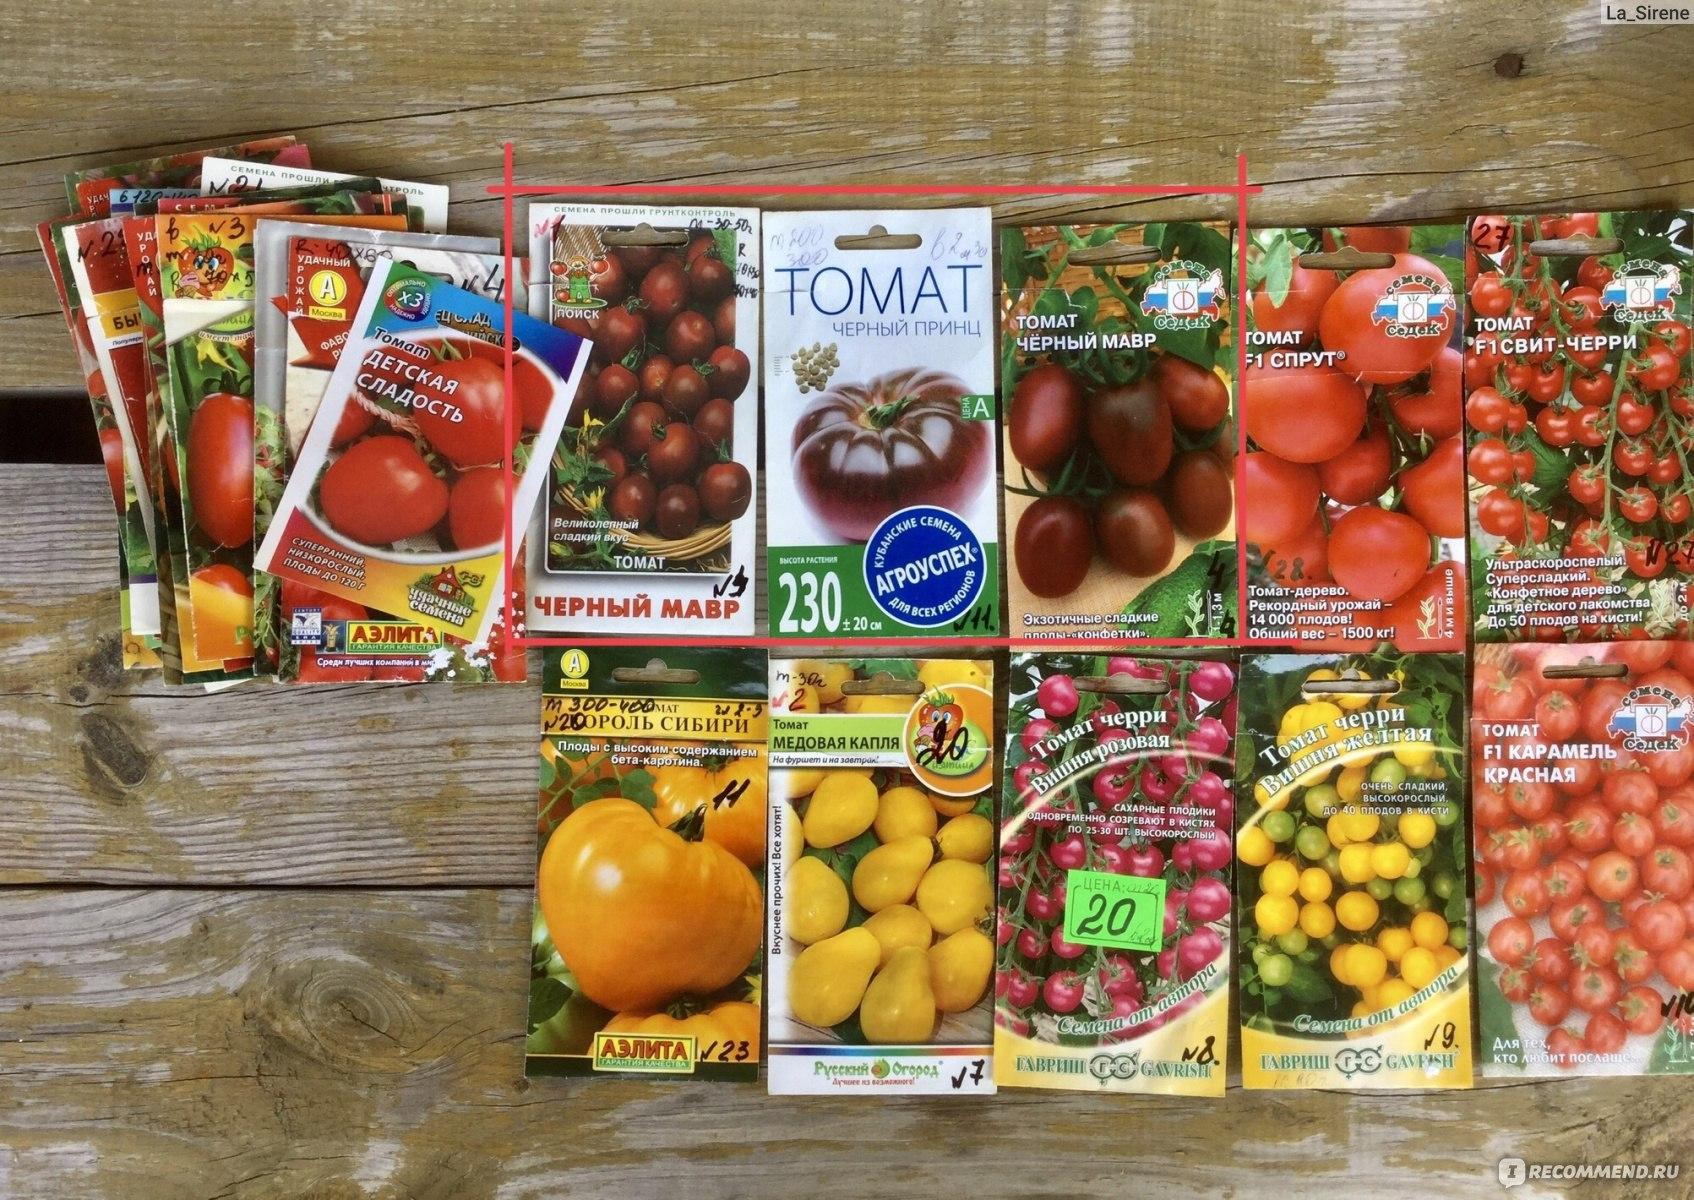 """Томат """"черная гроздь"""": описание сорта, характеристики плодов-помидоров, рекомендации по уходу и выращиванию, а так же фото и видео-материалы"""